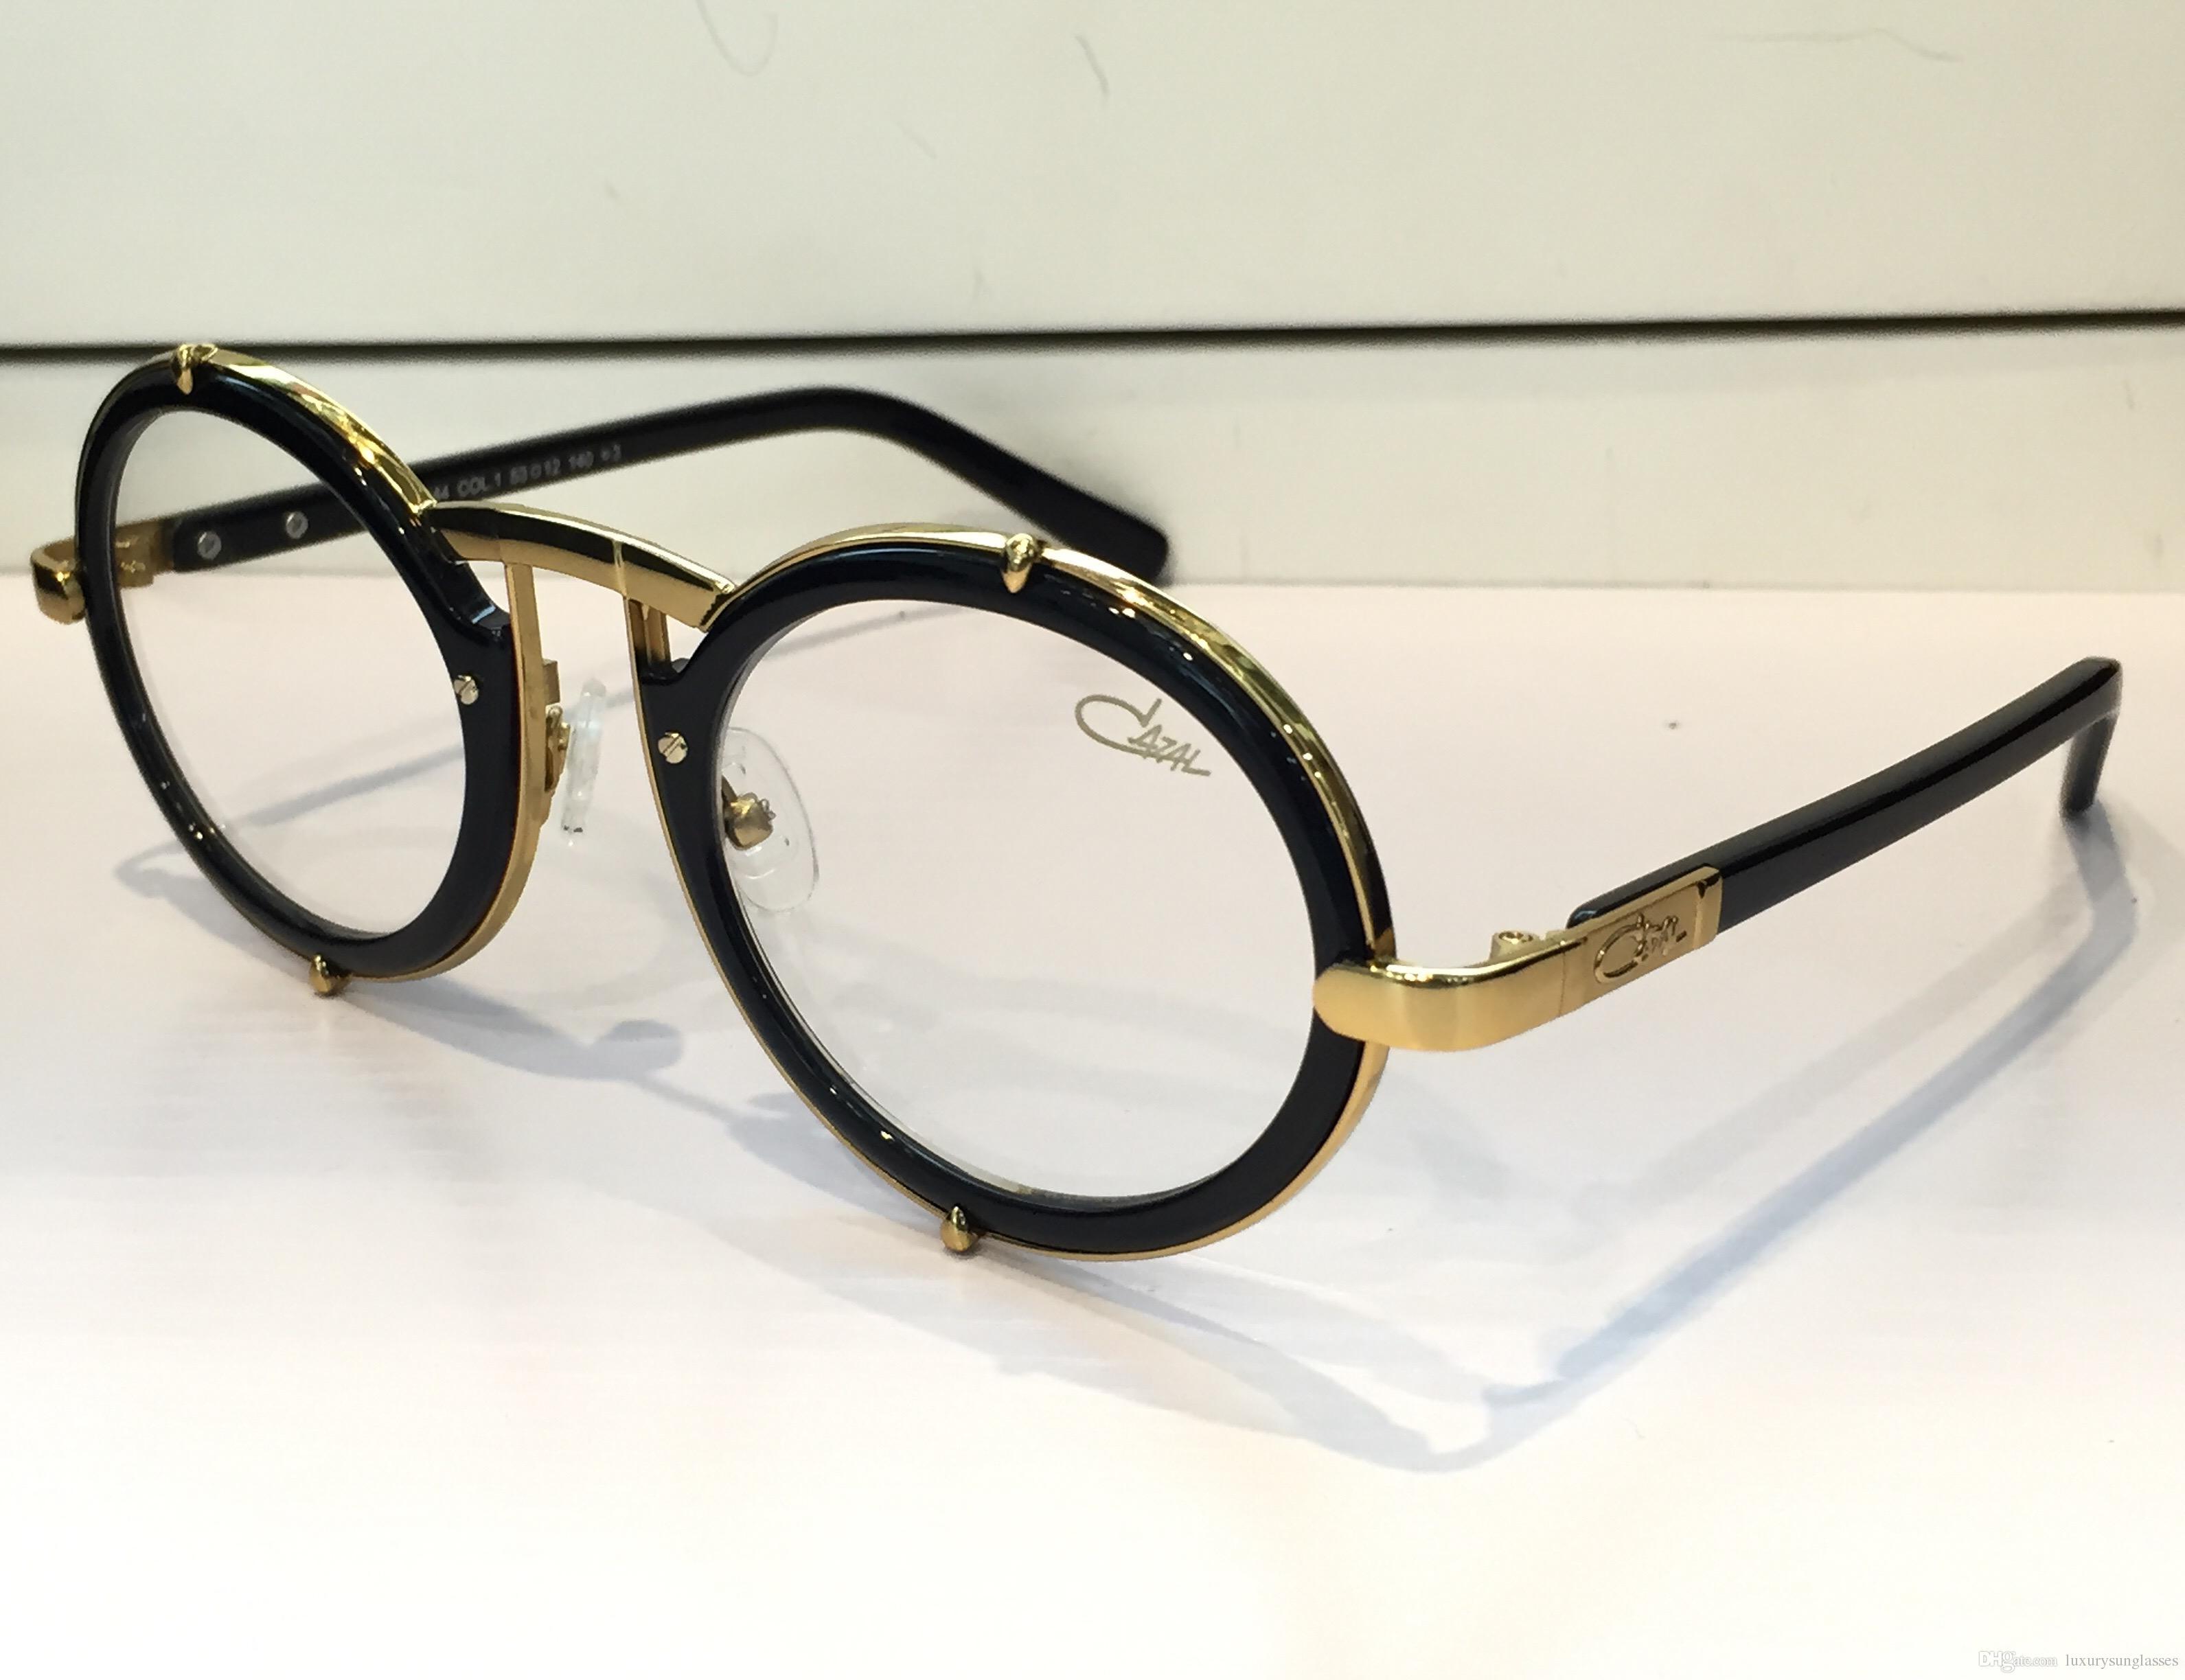 Cz644 Eyeglasses Germany Designer Mod644 Optical Vintage Steampunk ...